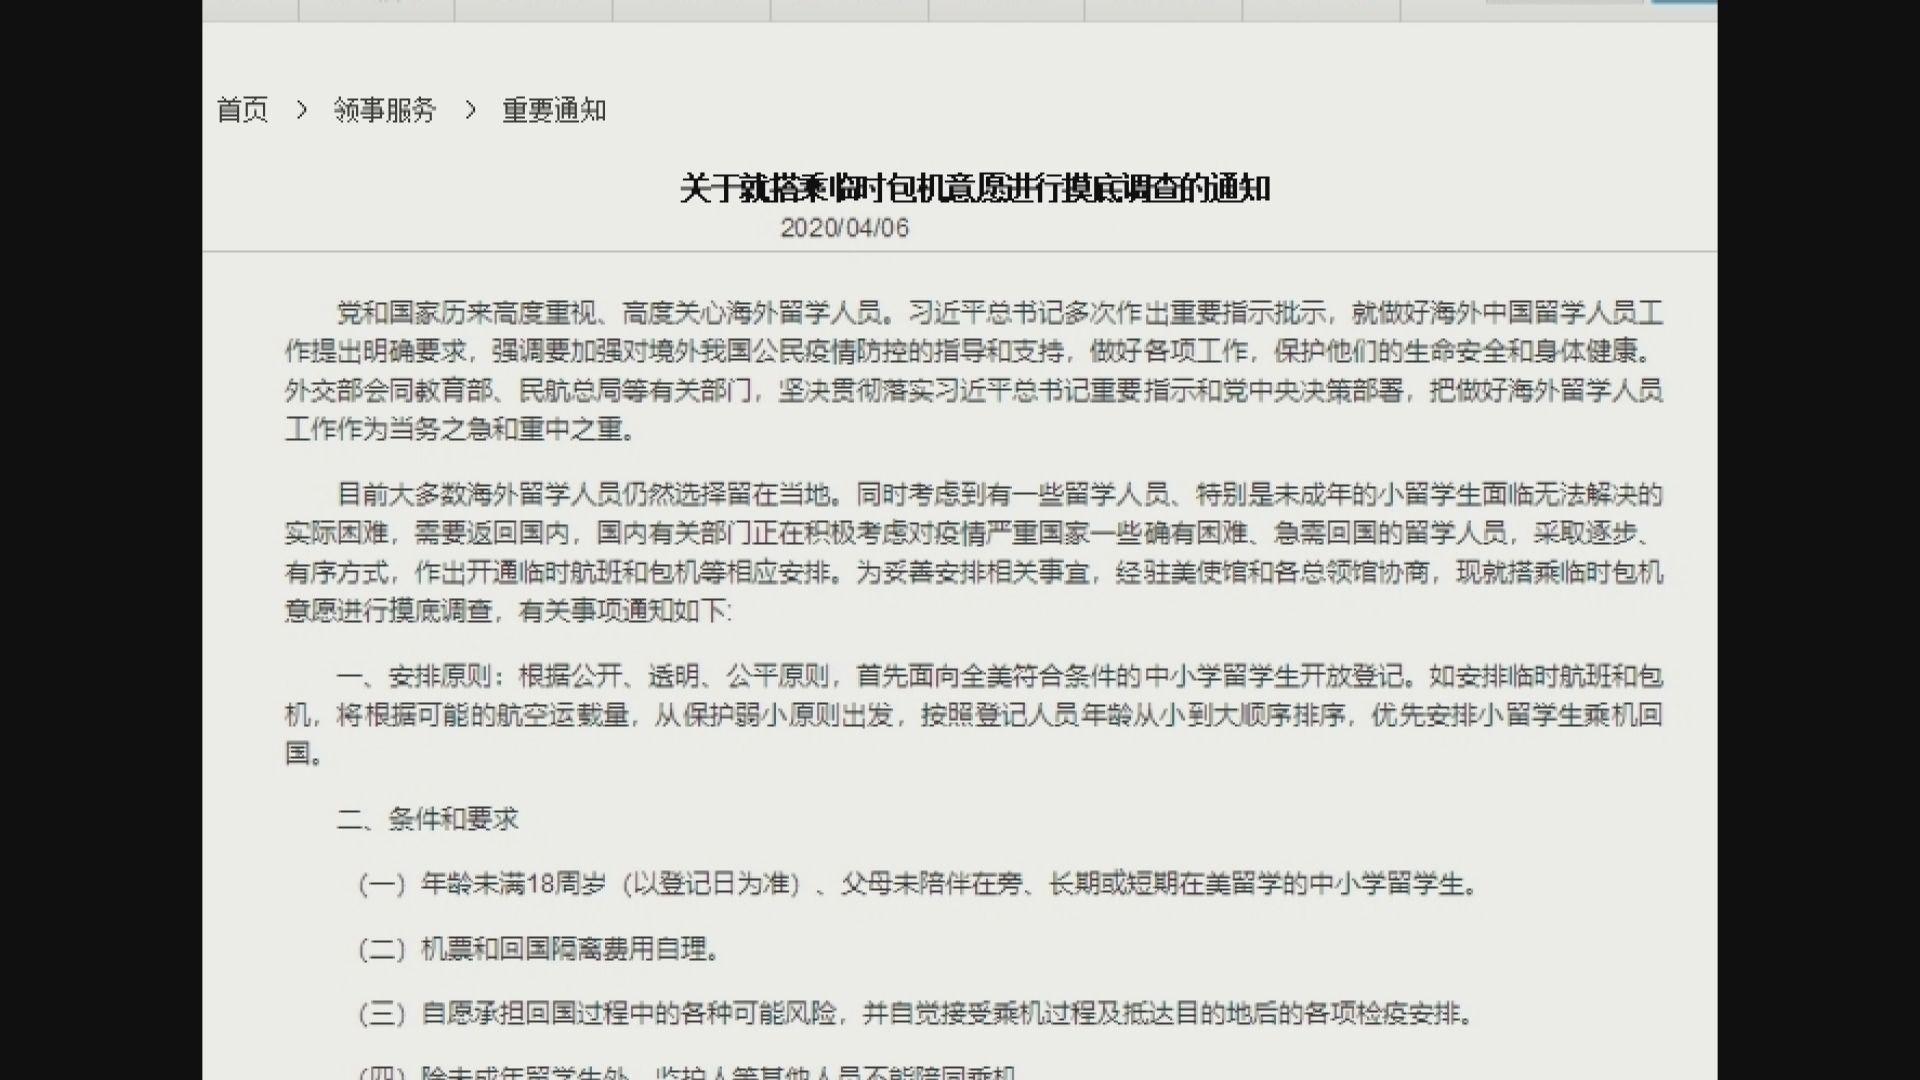 中國擬派包機接回留美中小學生